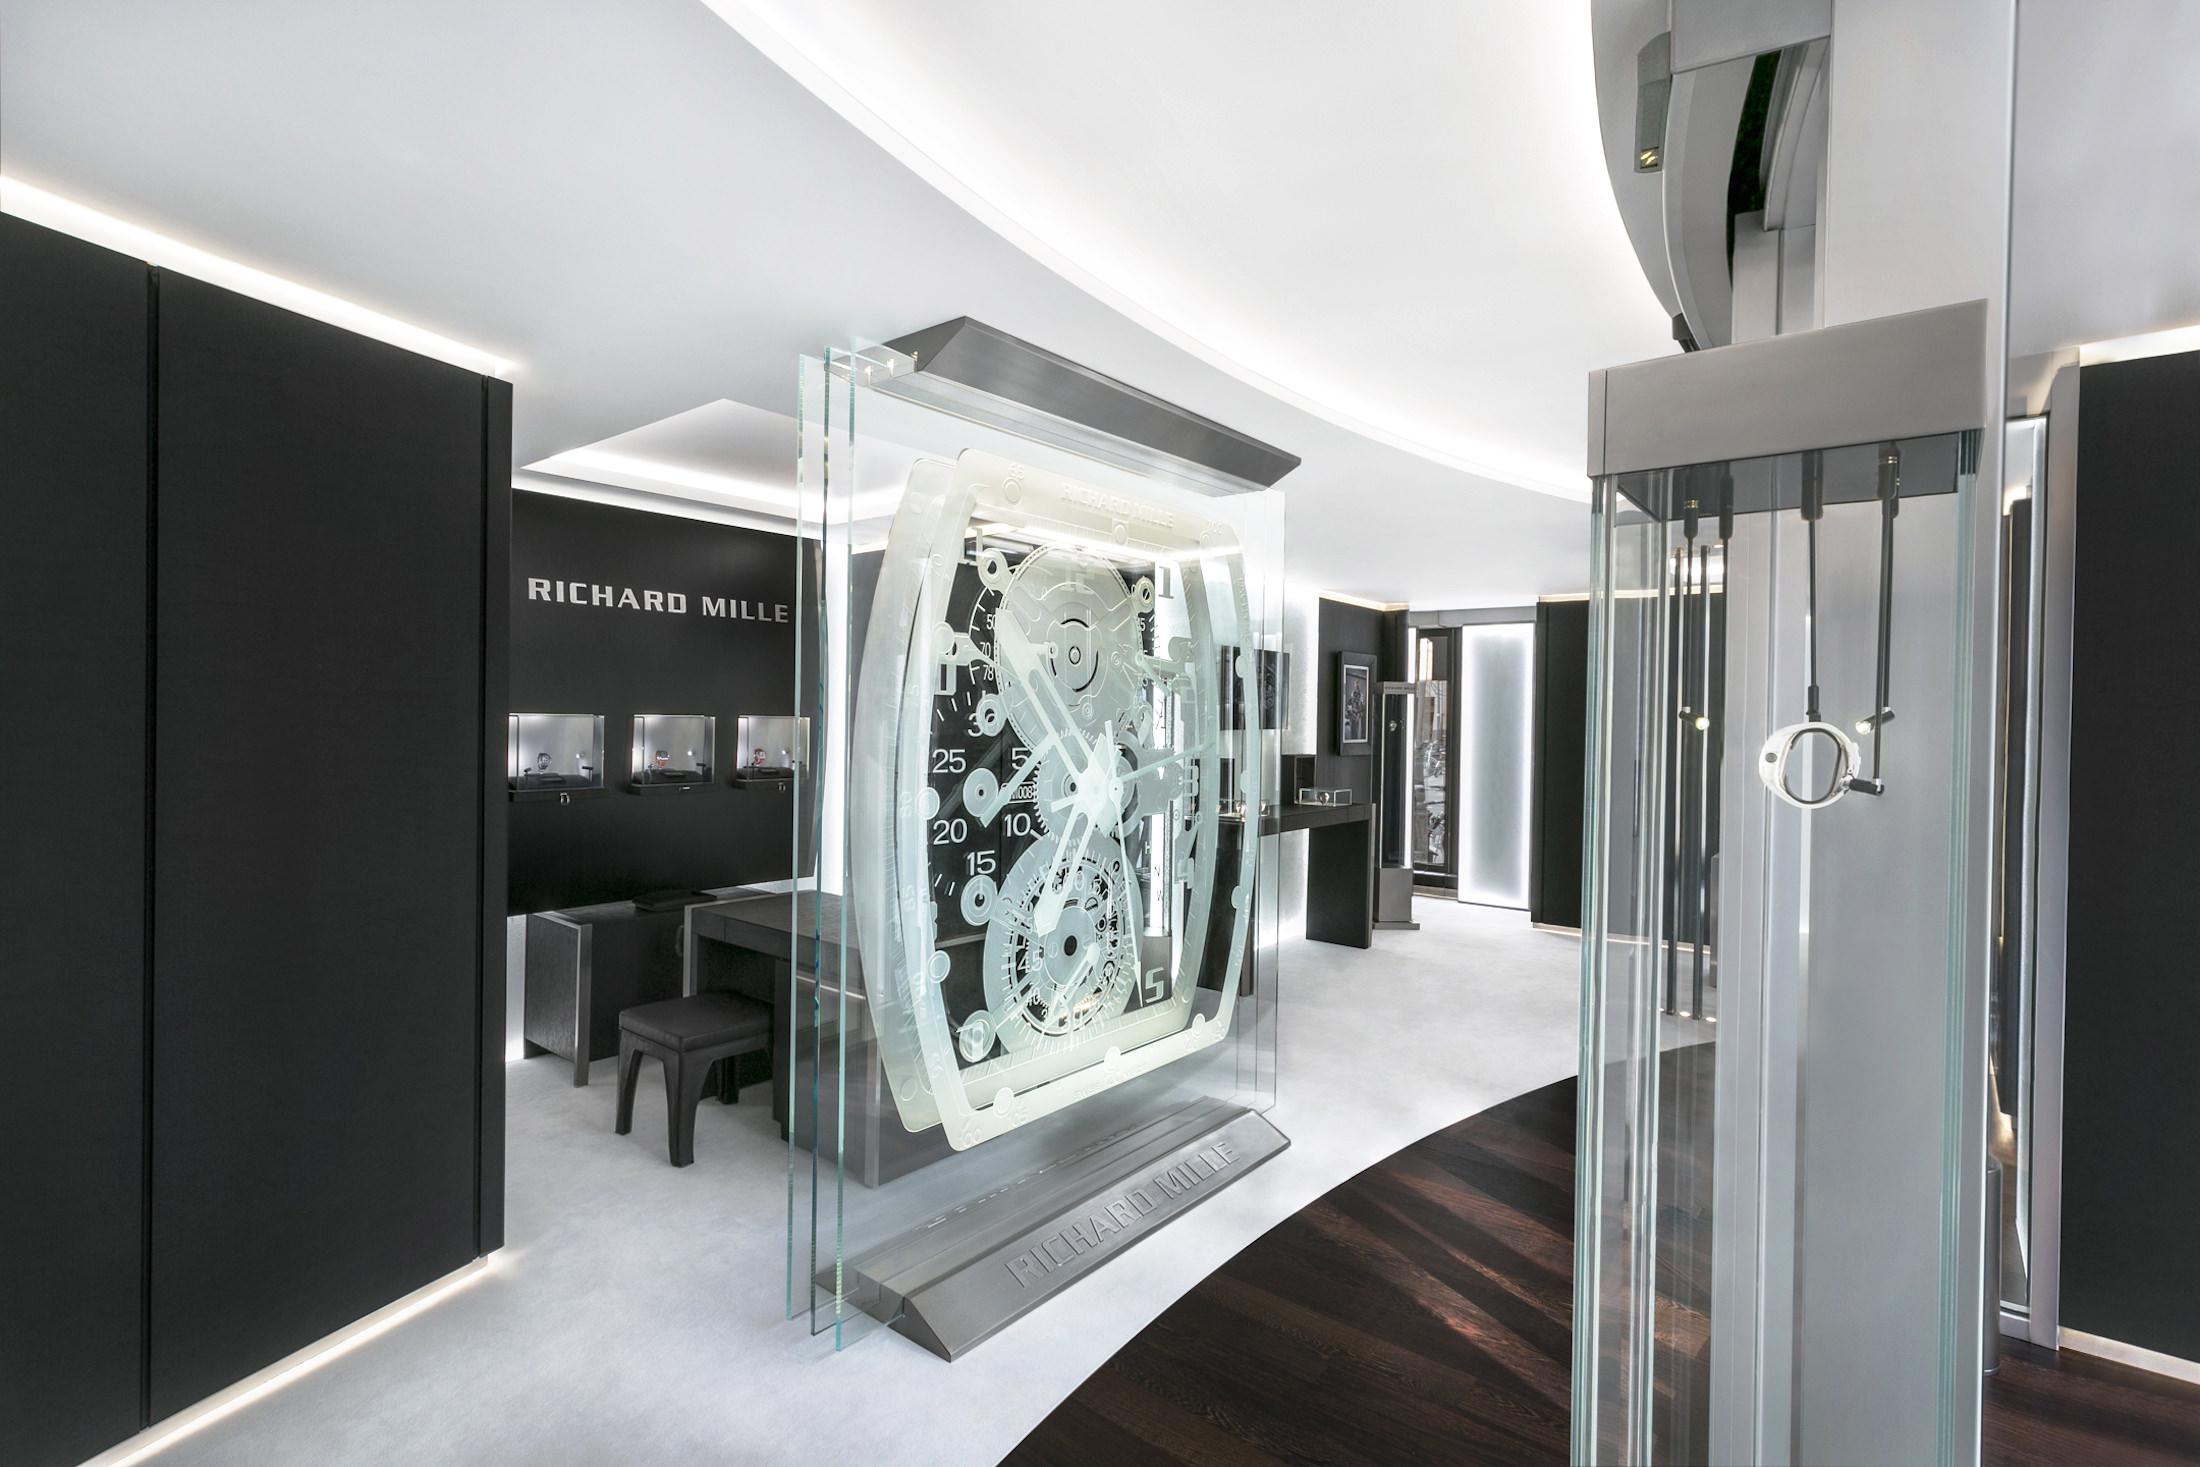 Die Richard Mille-Boutique in München